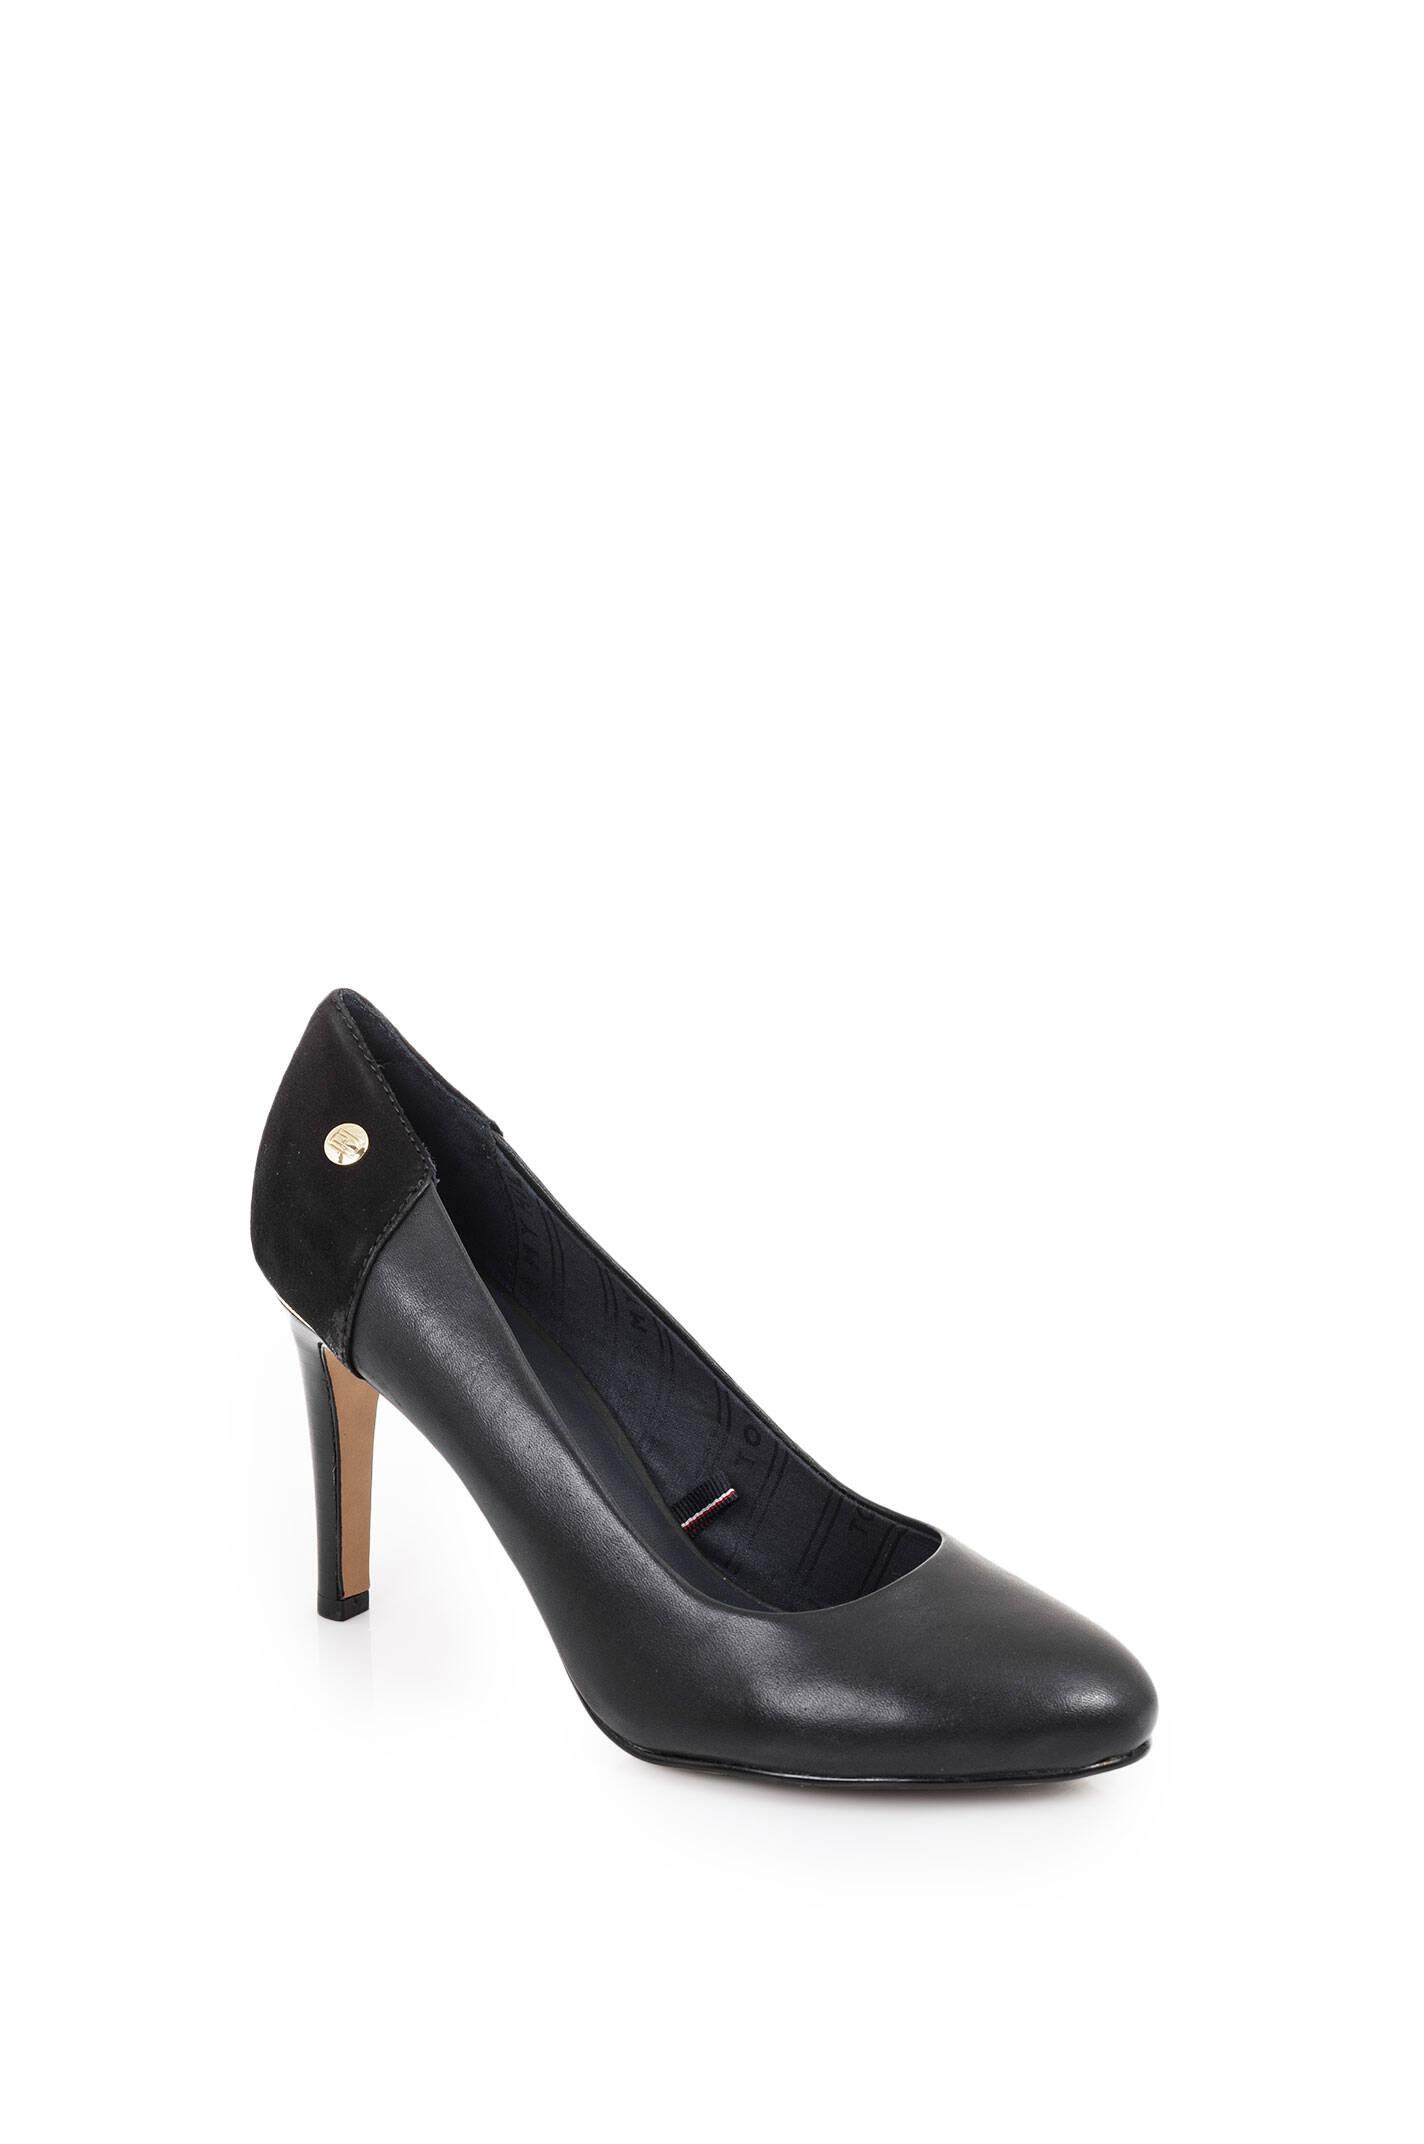 layla 14c pumps tommy hilfiger black high heels. Black Bedroom Furniture Sets. Home Design Ideas